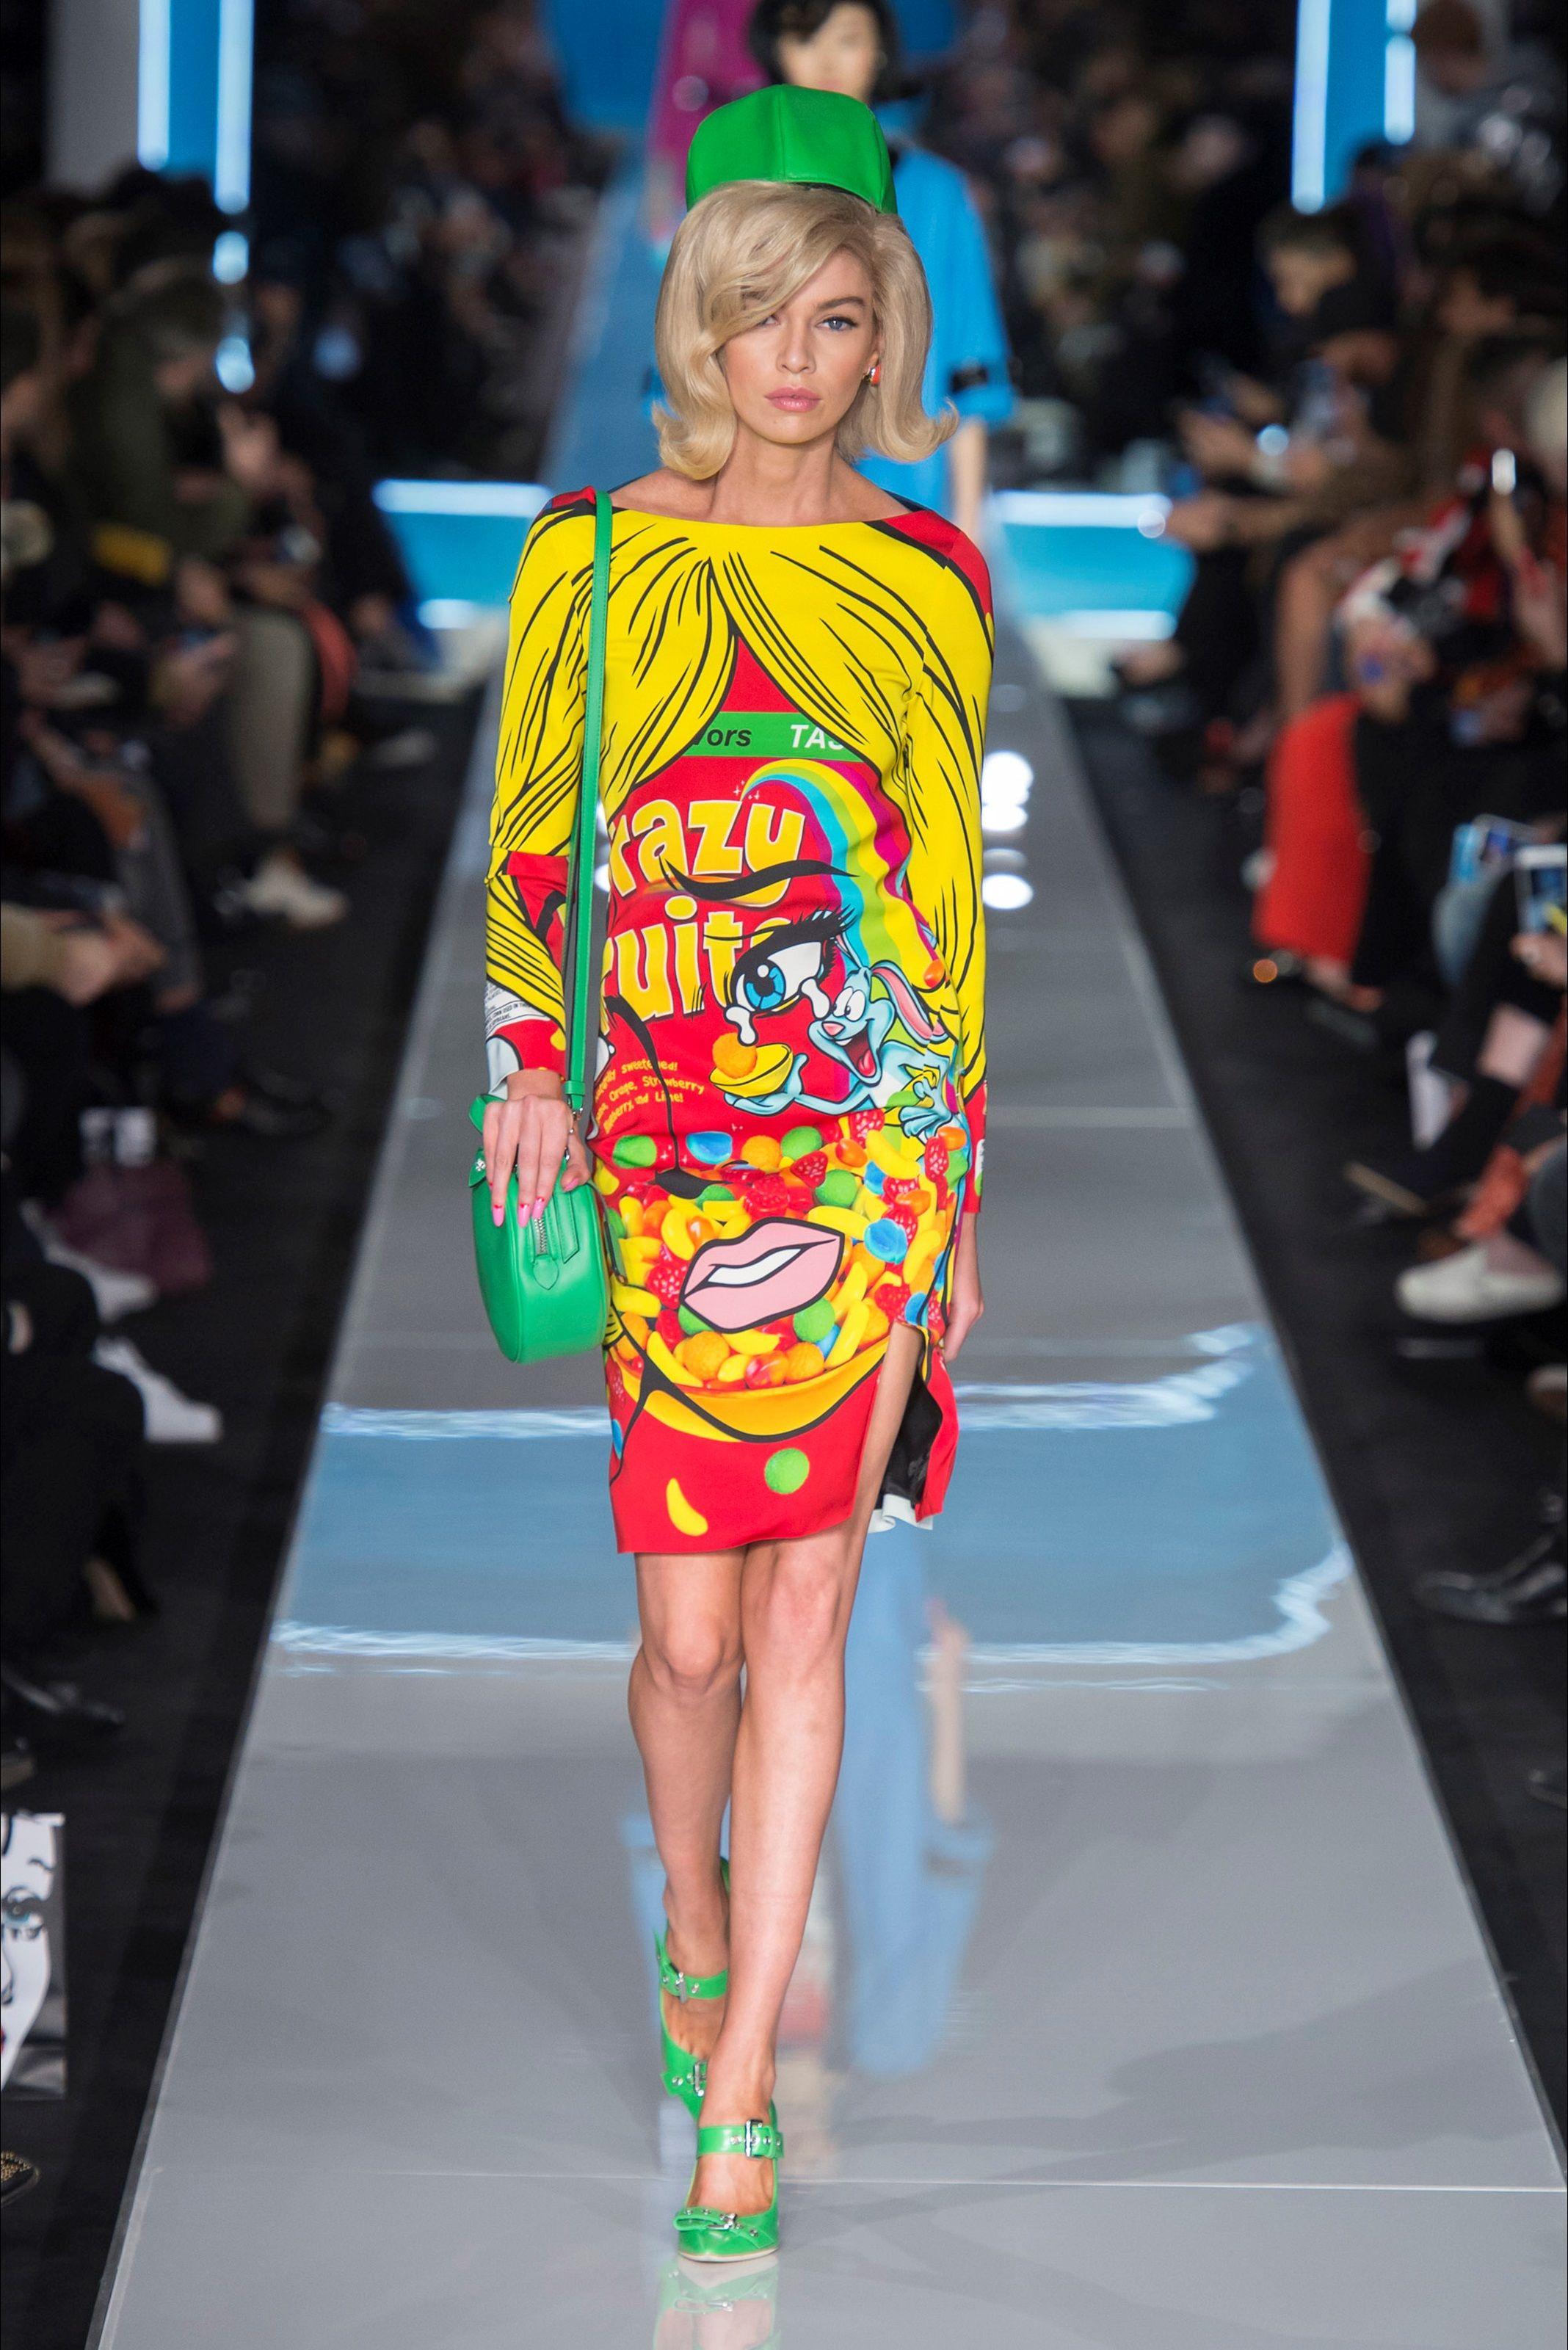 Pin di Paola Petrini Rossi su tendenze moda 2019 2020 nel 2019 ... c25ce3e6db8